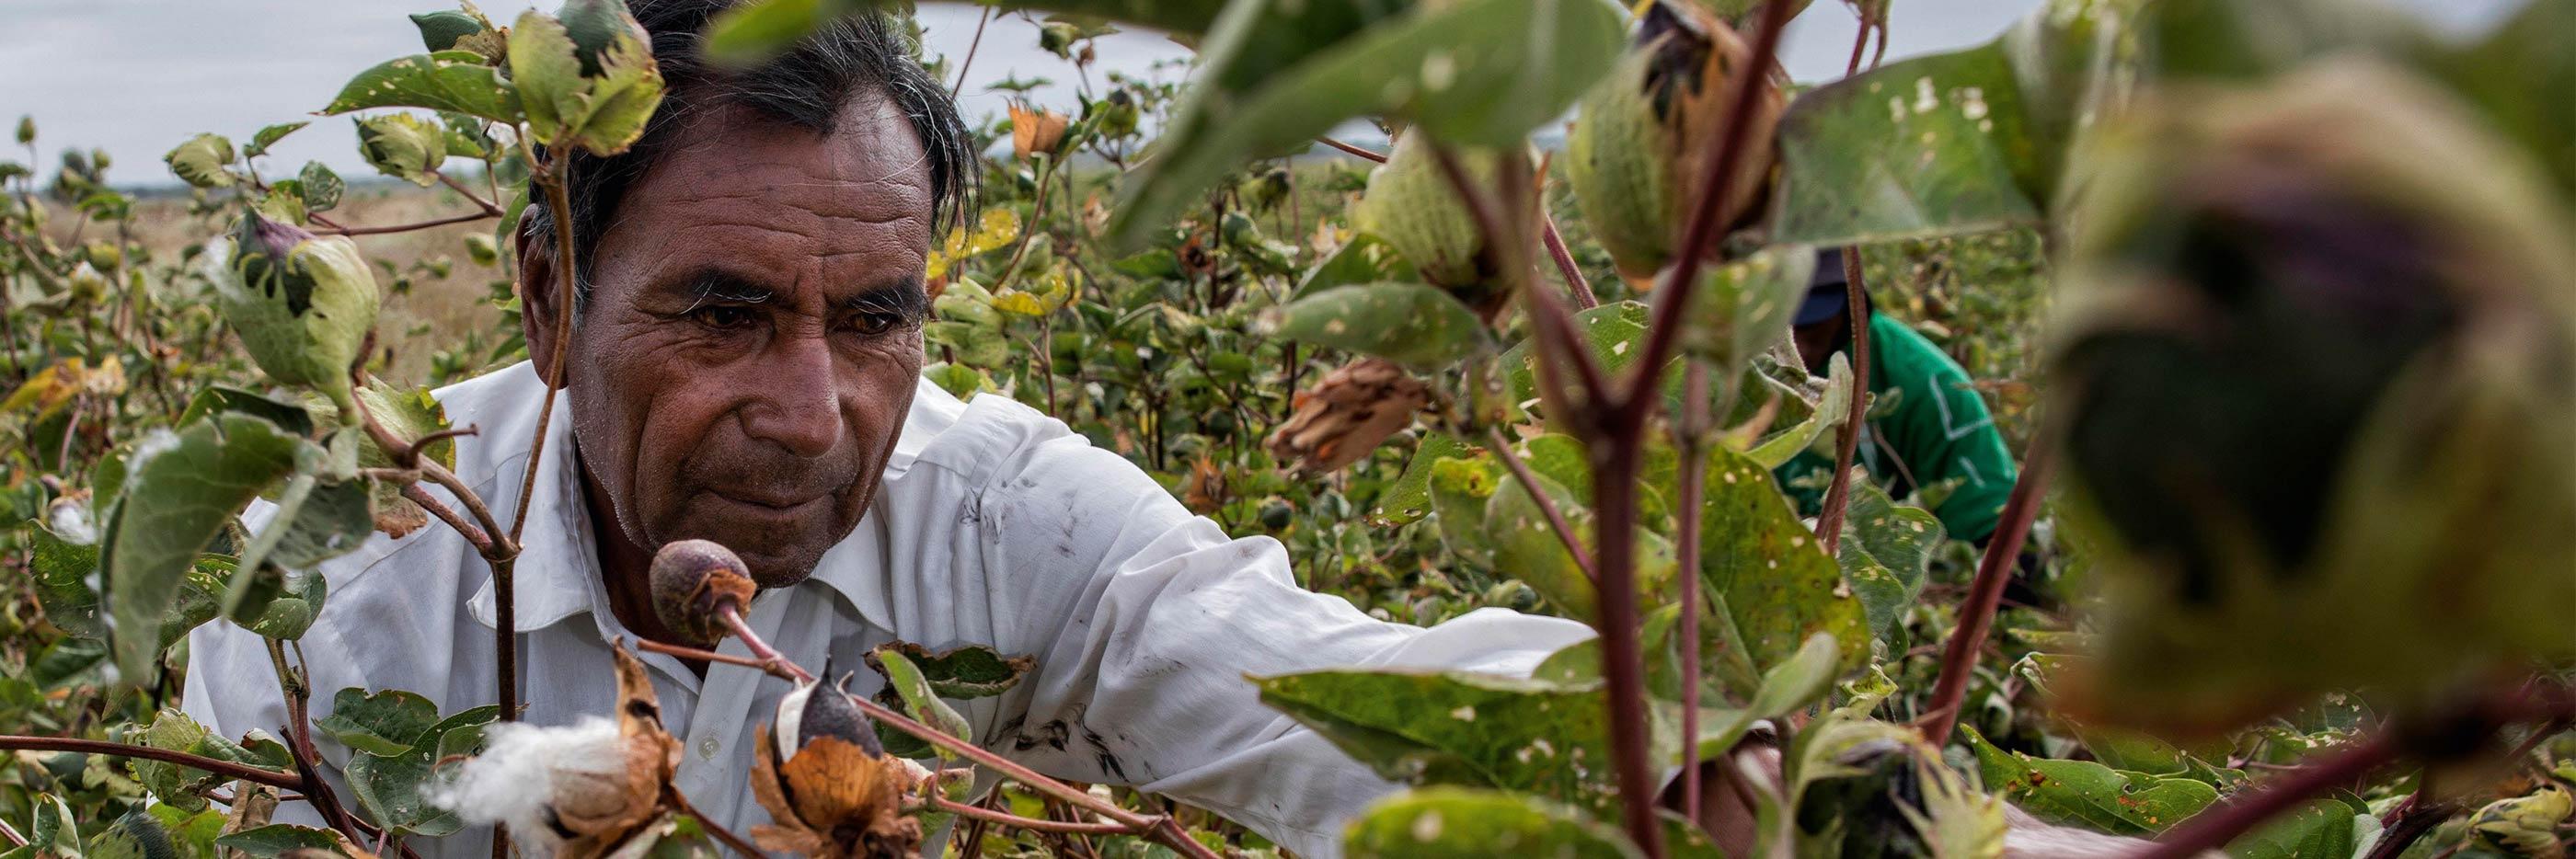 Baumwollpflücker in Peru erntet die reifen Baumwollblüten | mey®